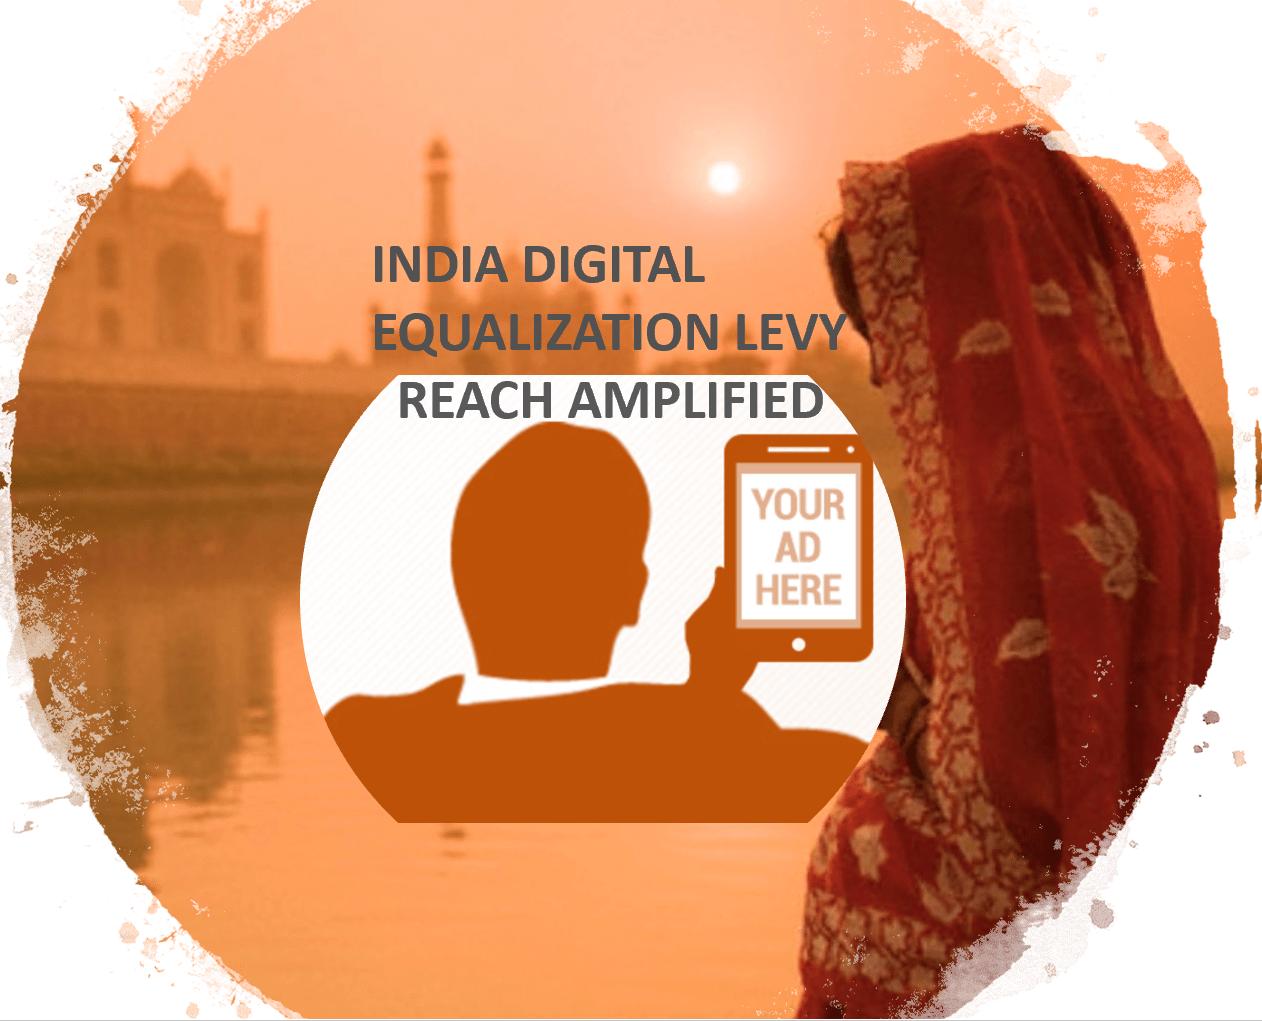 India digital equalisation levy